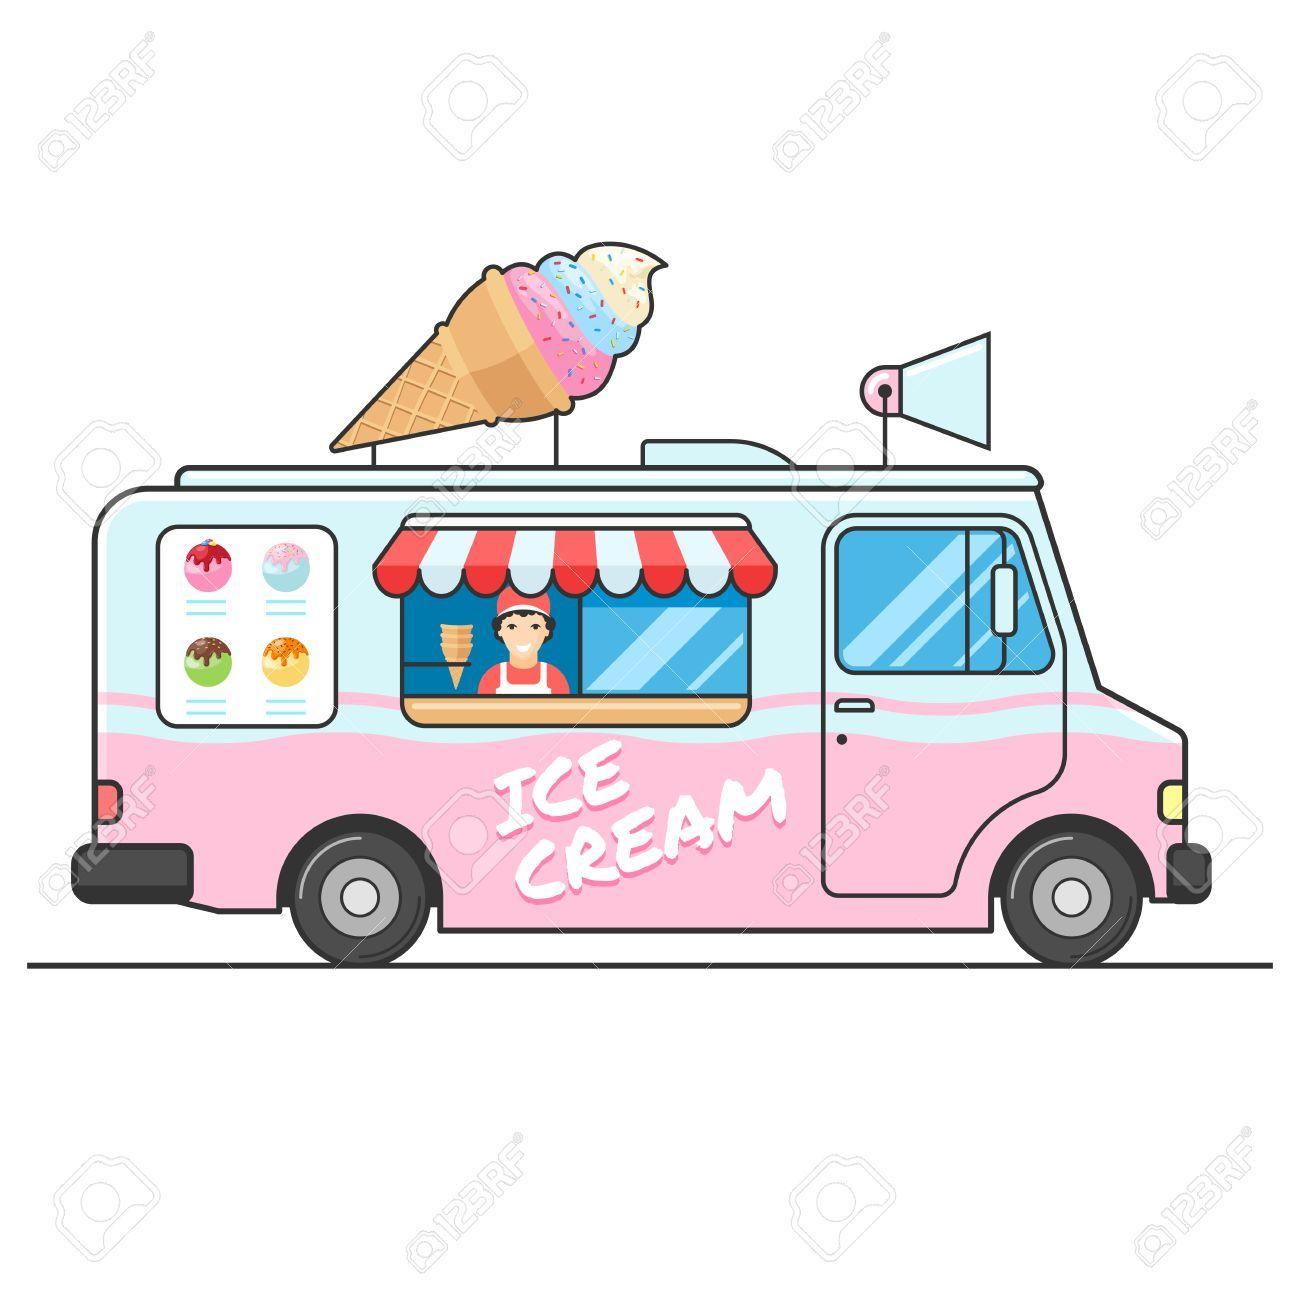 Ice Cream Shop Illustration の画像検索結果 Ice Cream Truck Ice Cream Van Van